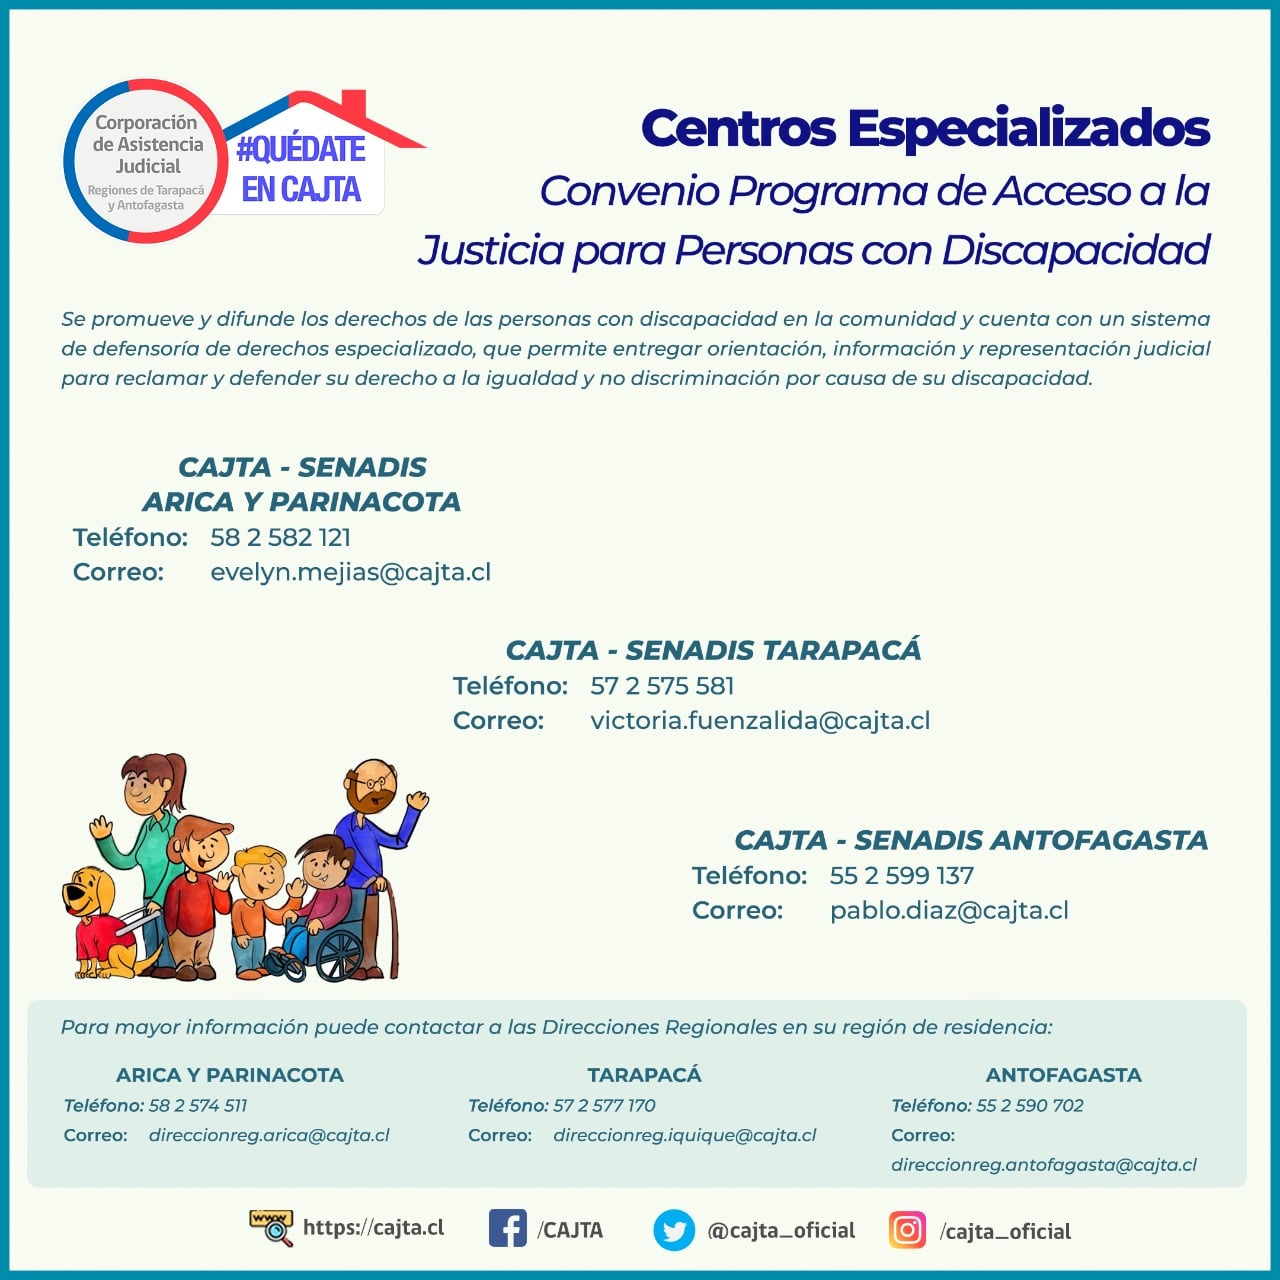 CAJTA brinda apoyo jurídico y social a las personas con discapacidad